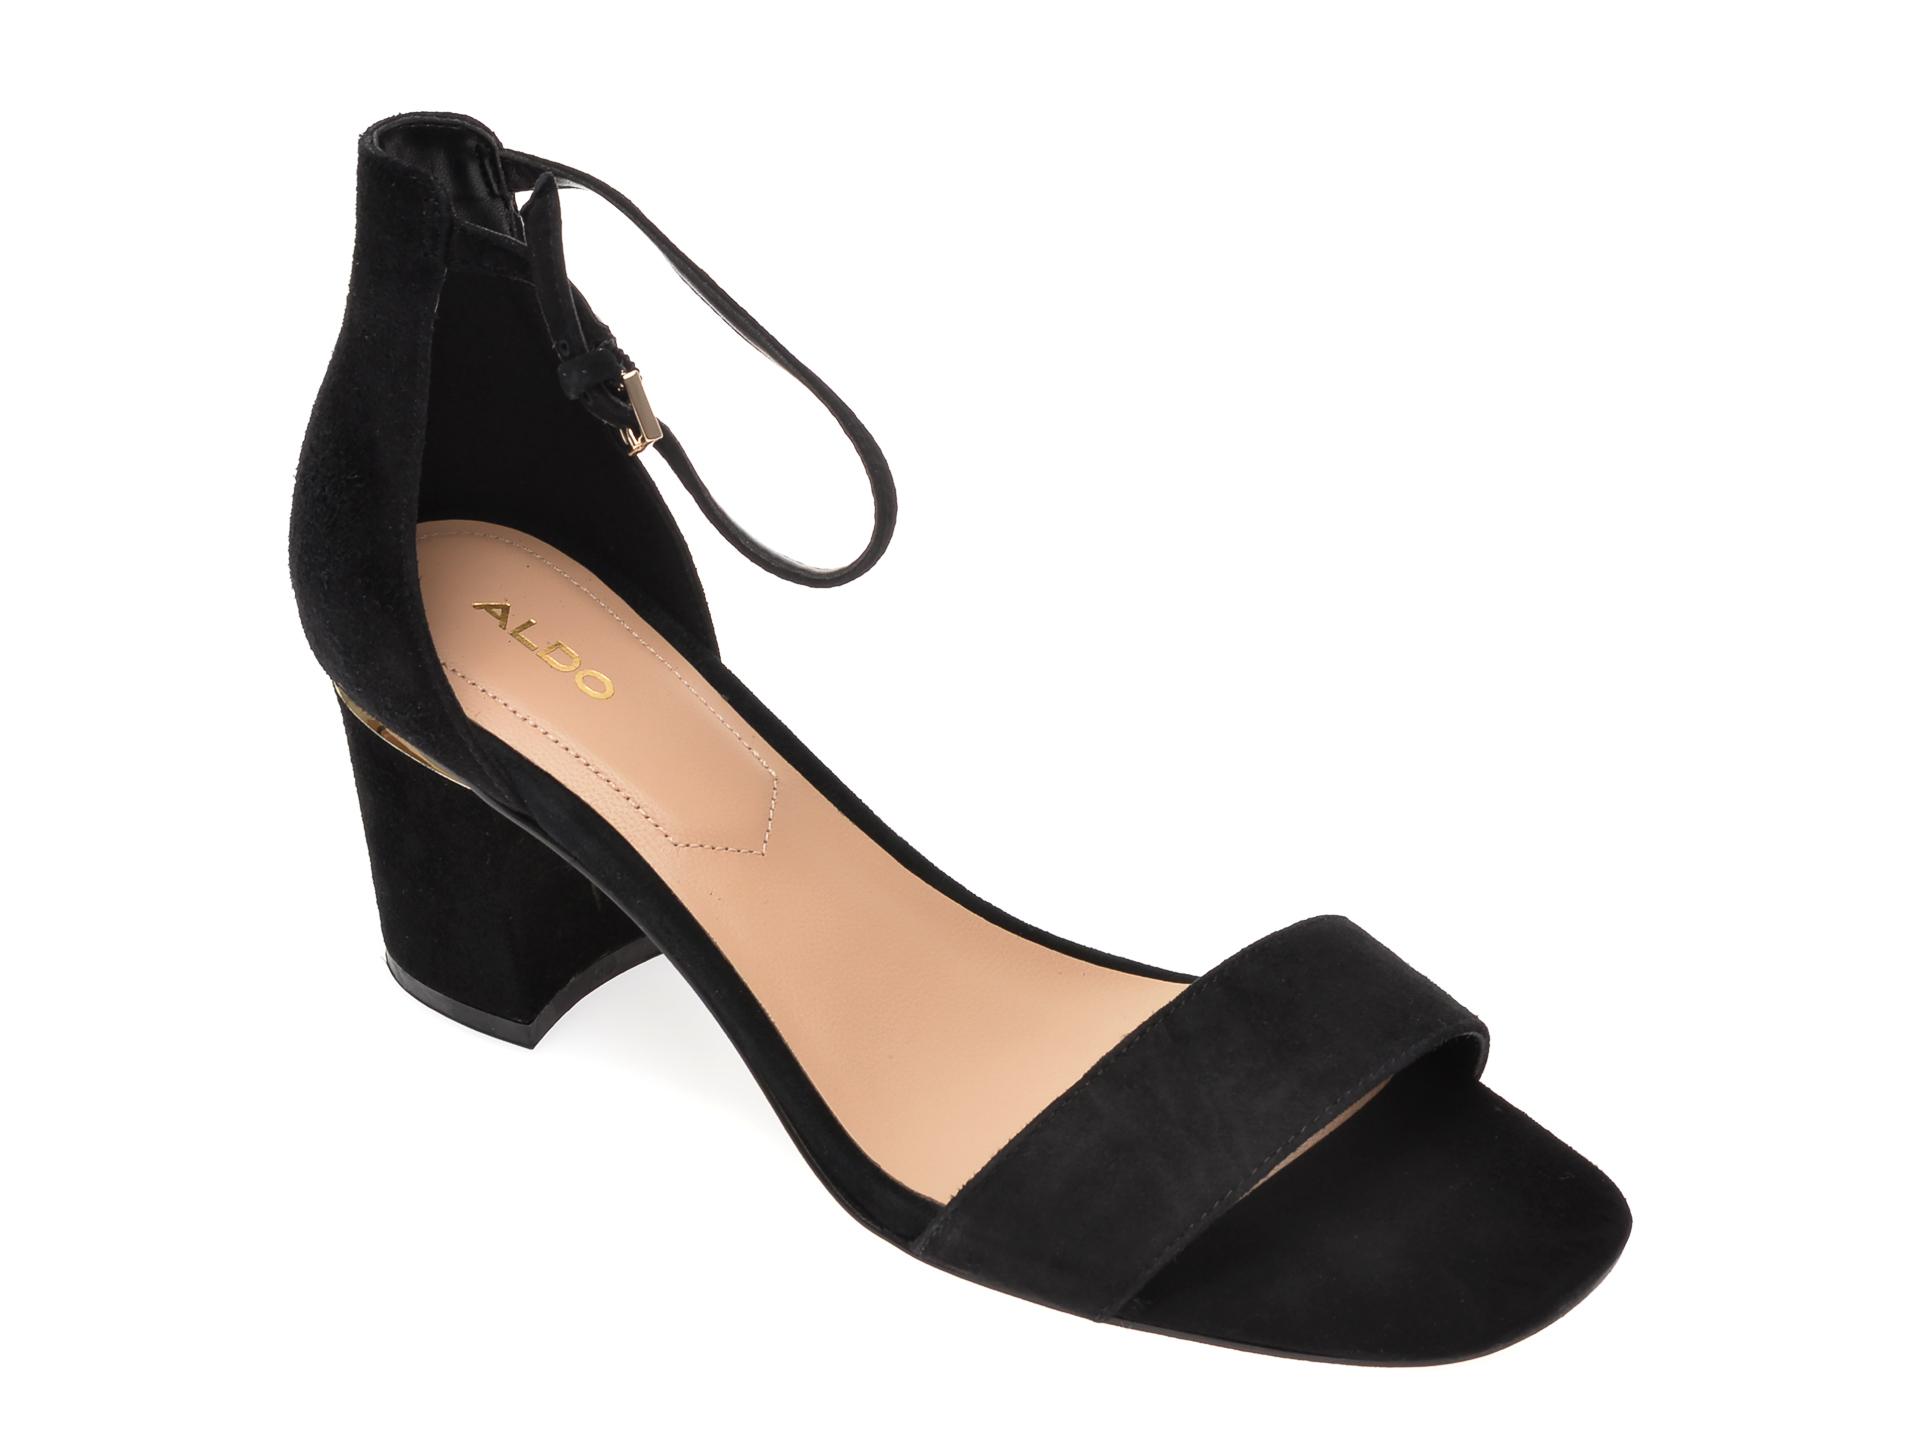 Sandale ALDO negre, Valentina001, din piele intoarsa